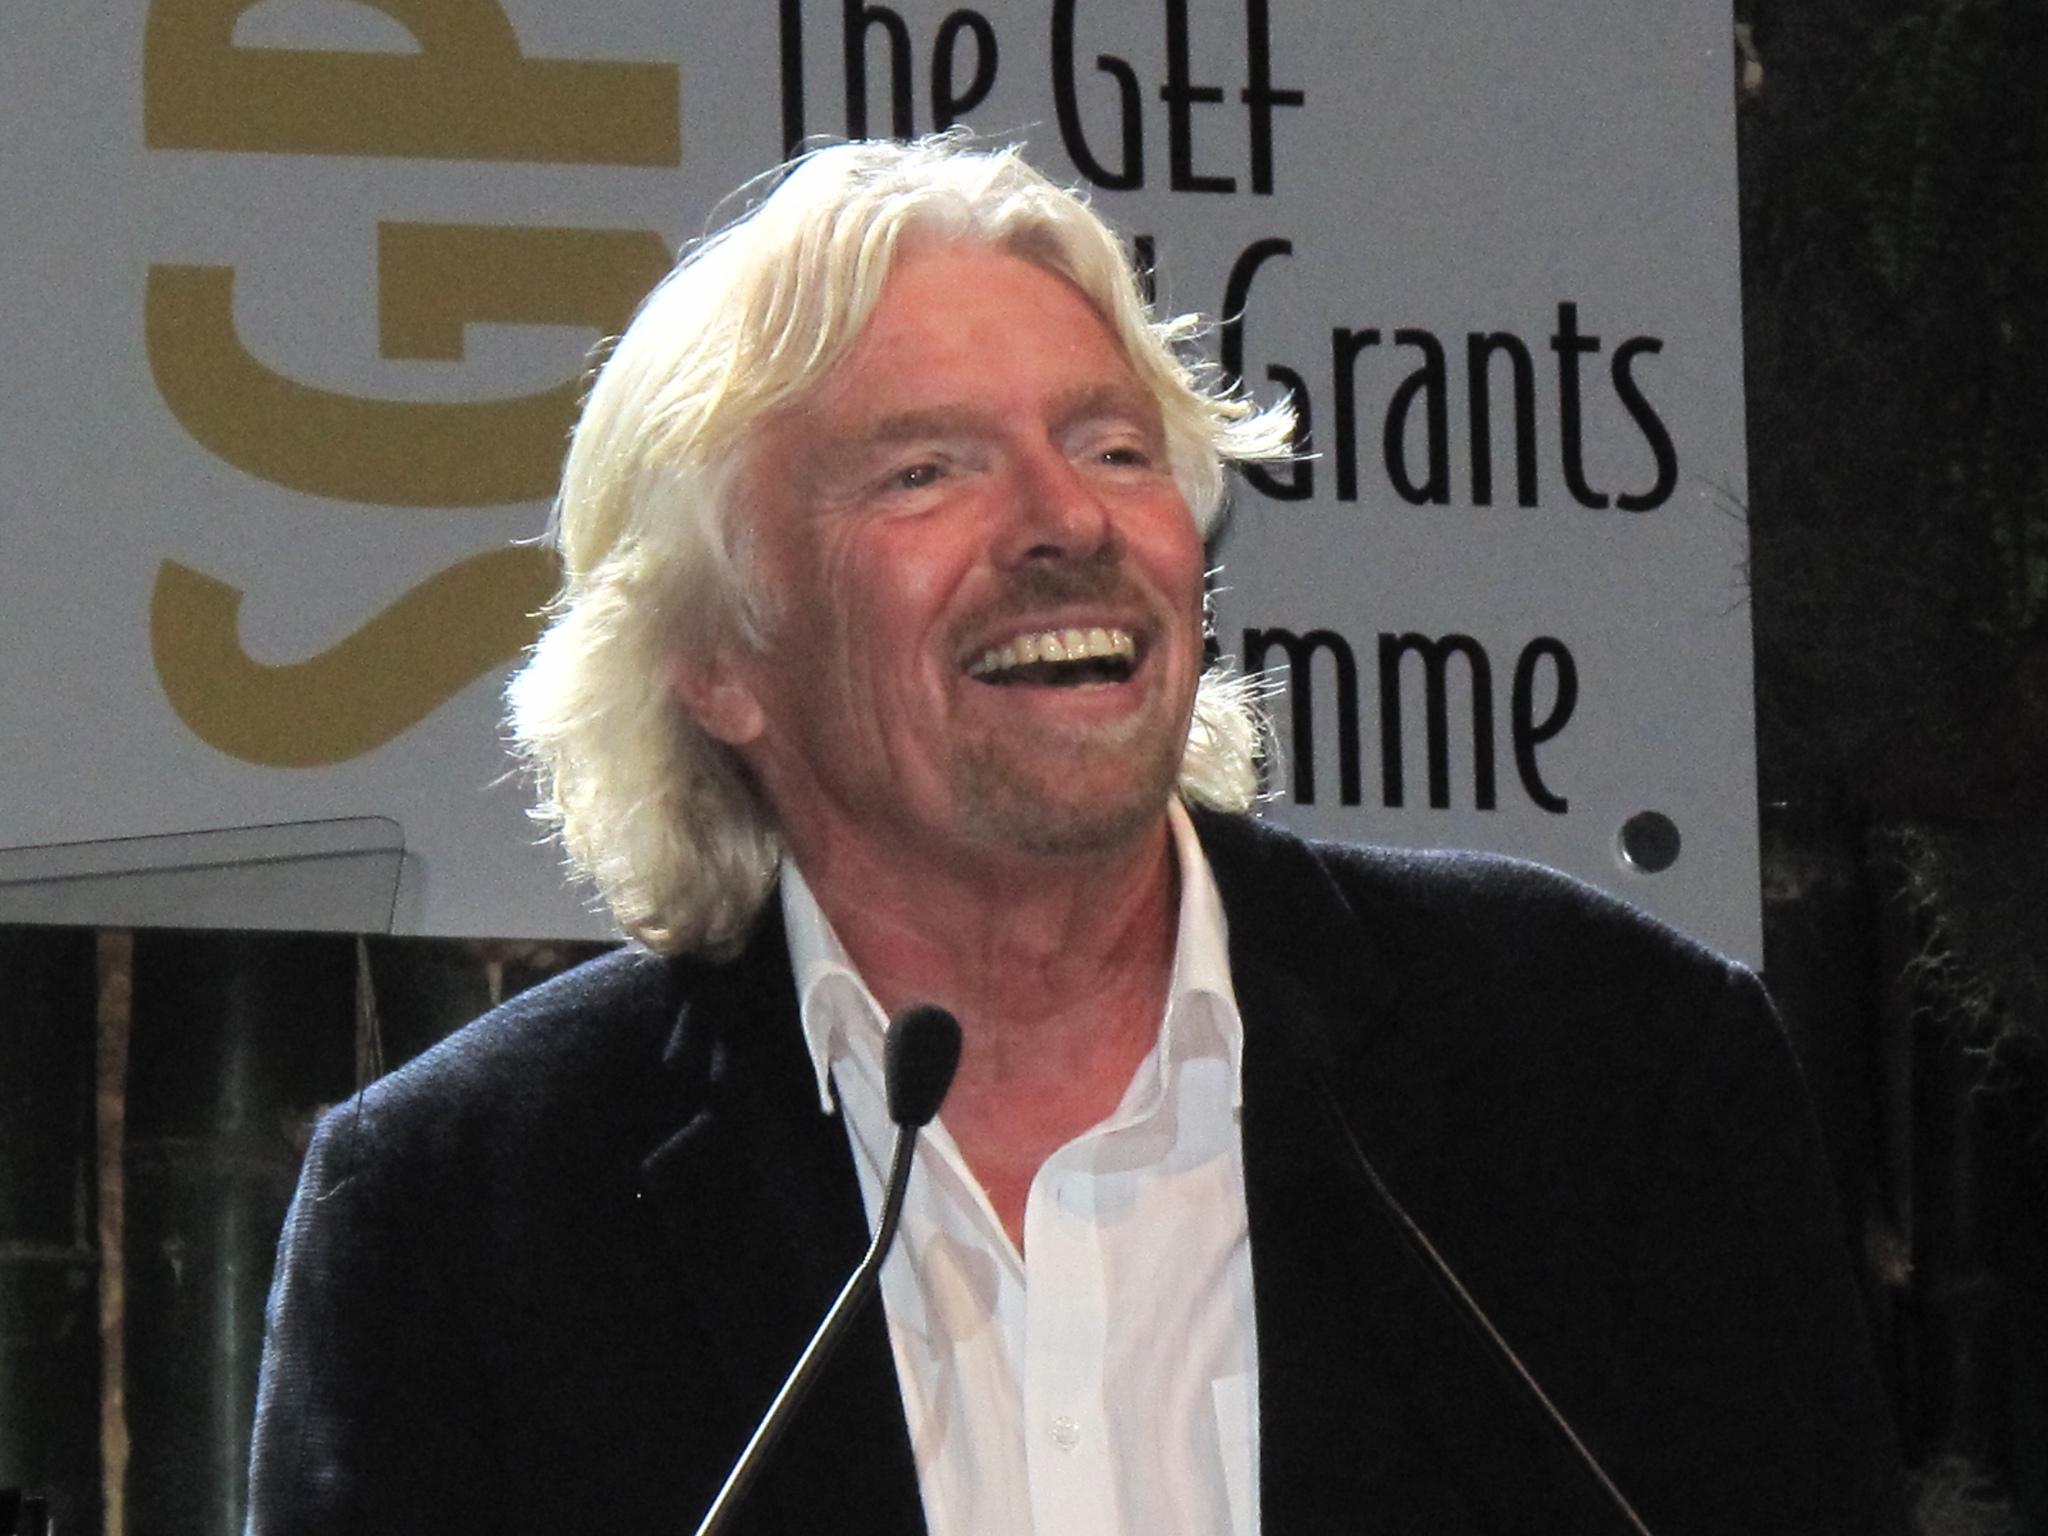 Richard Branson a accepté au nom de la Commission mondiale de politique en matière de drogues le prix Cannabis Culture en 2012 (CC. UNclimatechange)